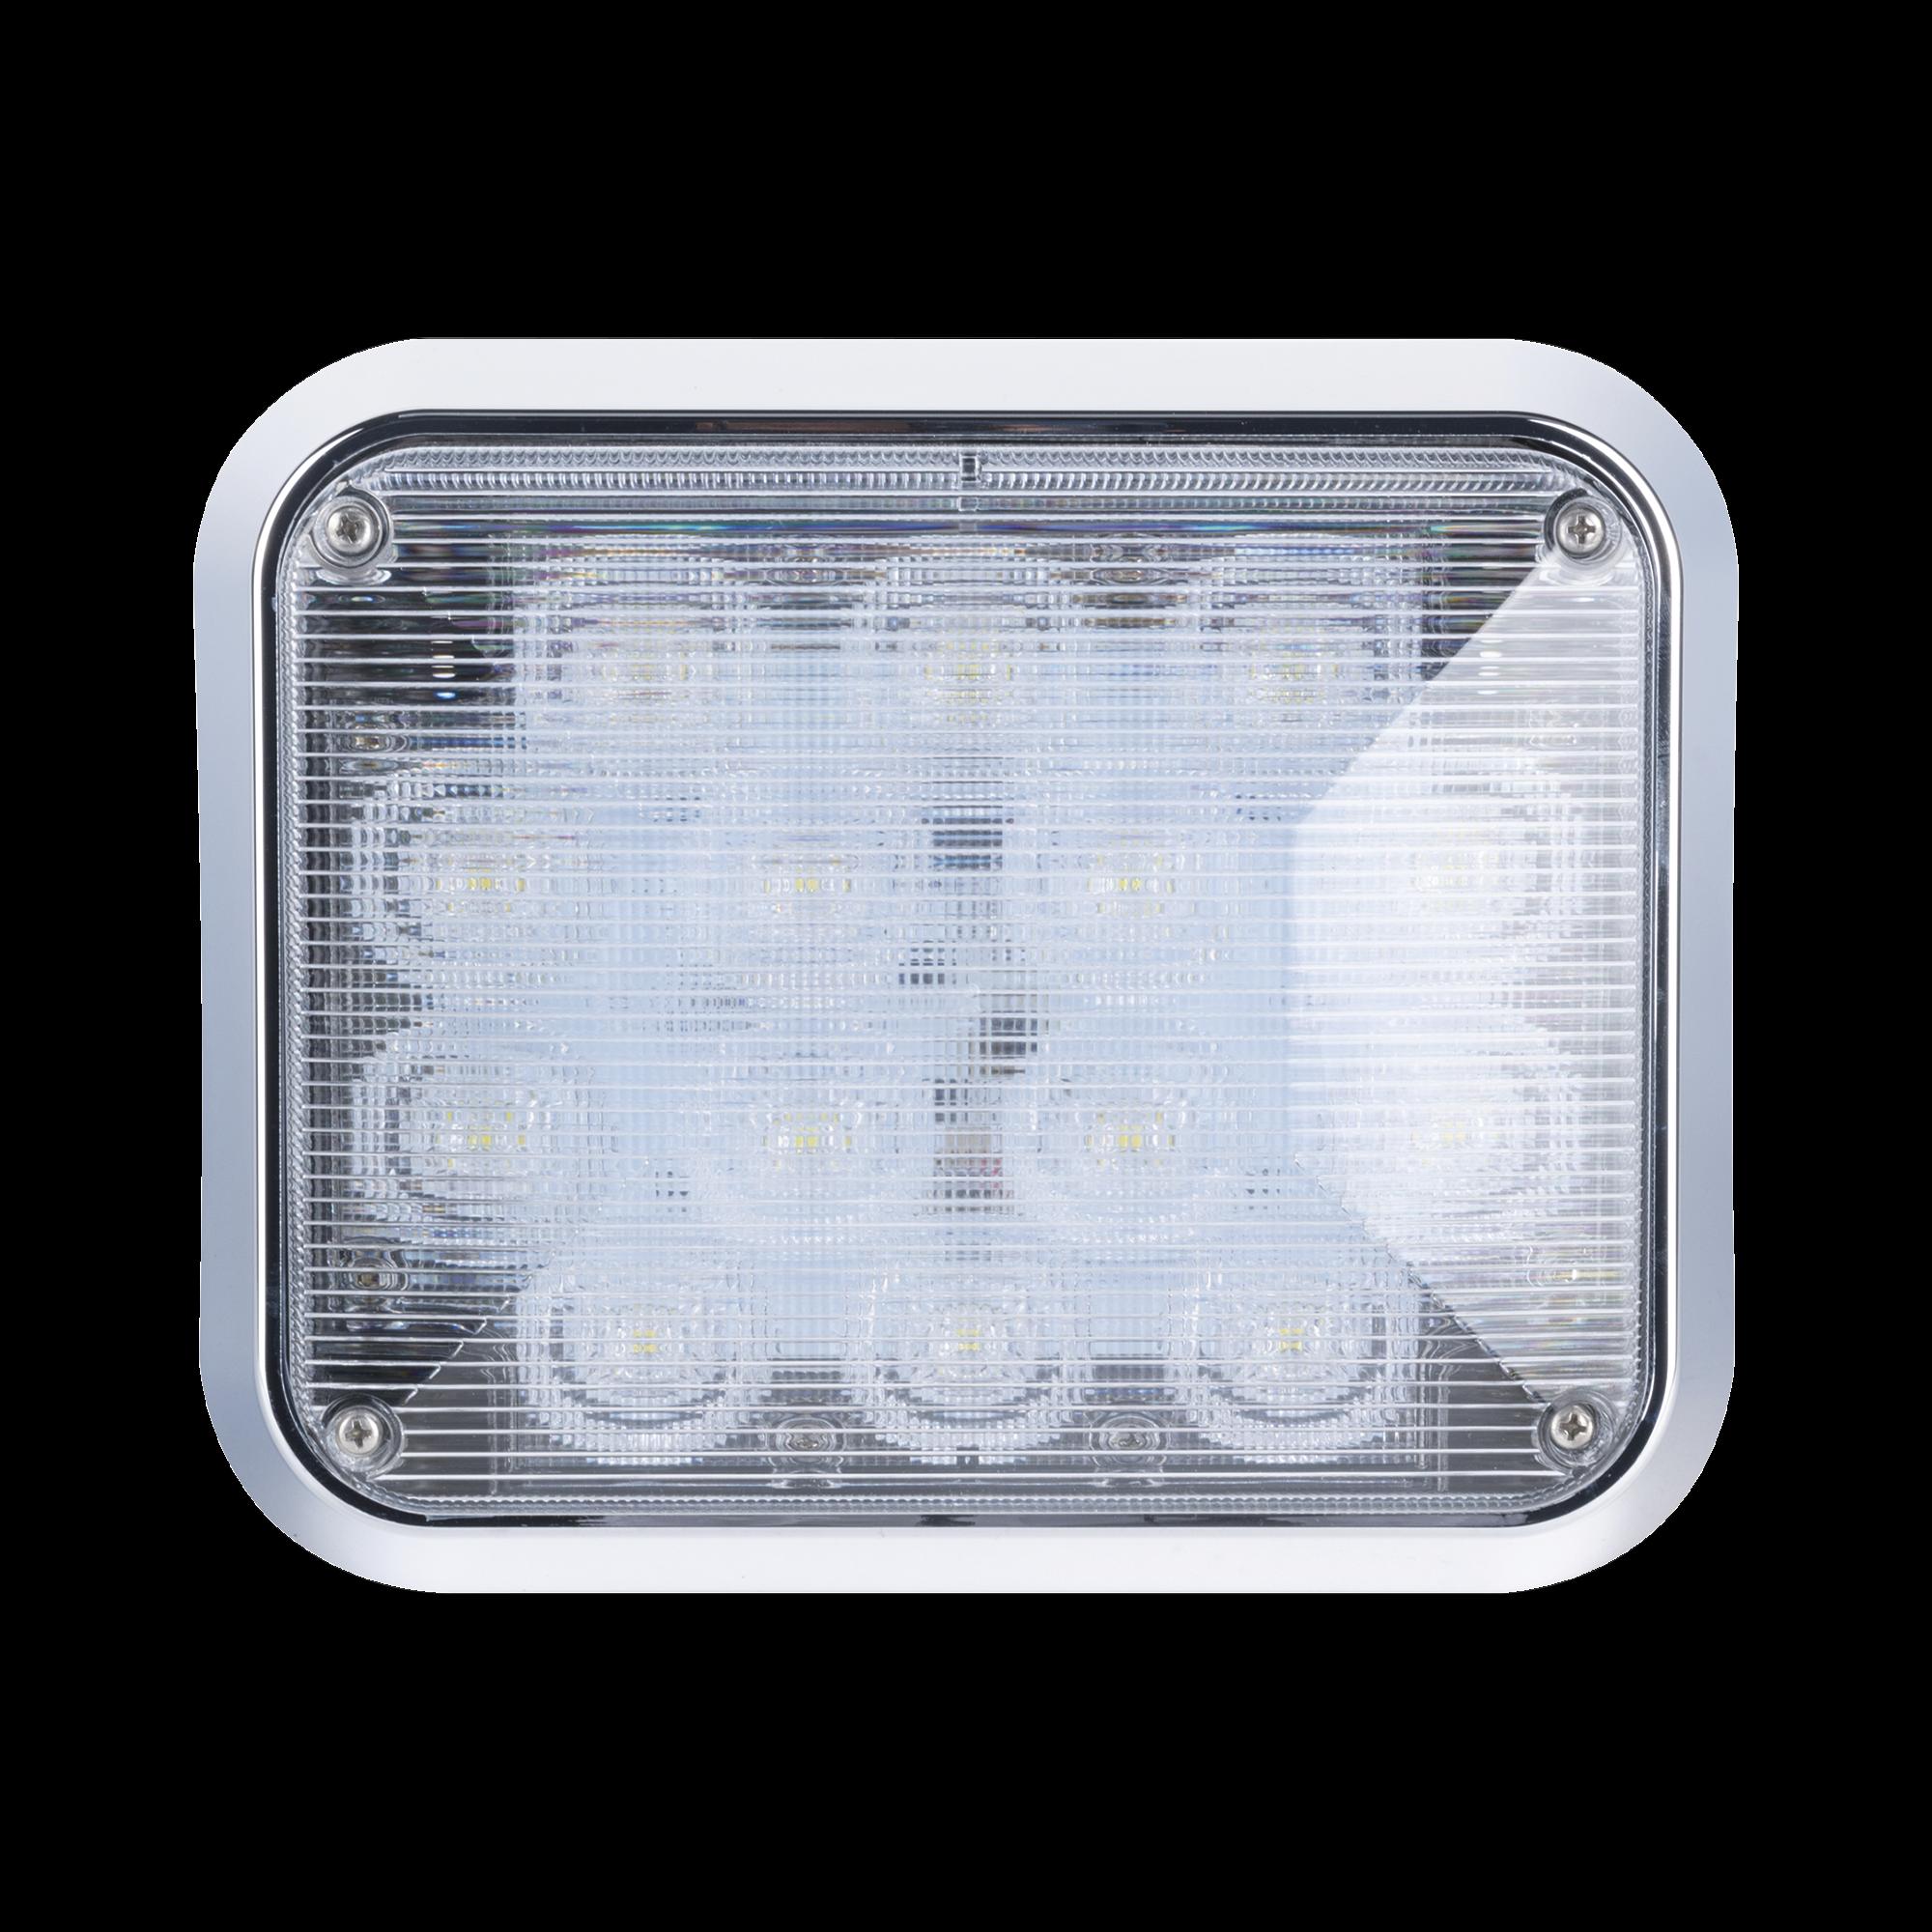 Luz perimetral LED claro 7x9 con bisel color blanco